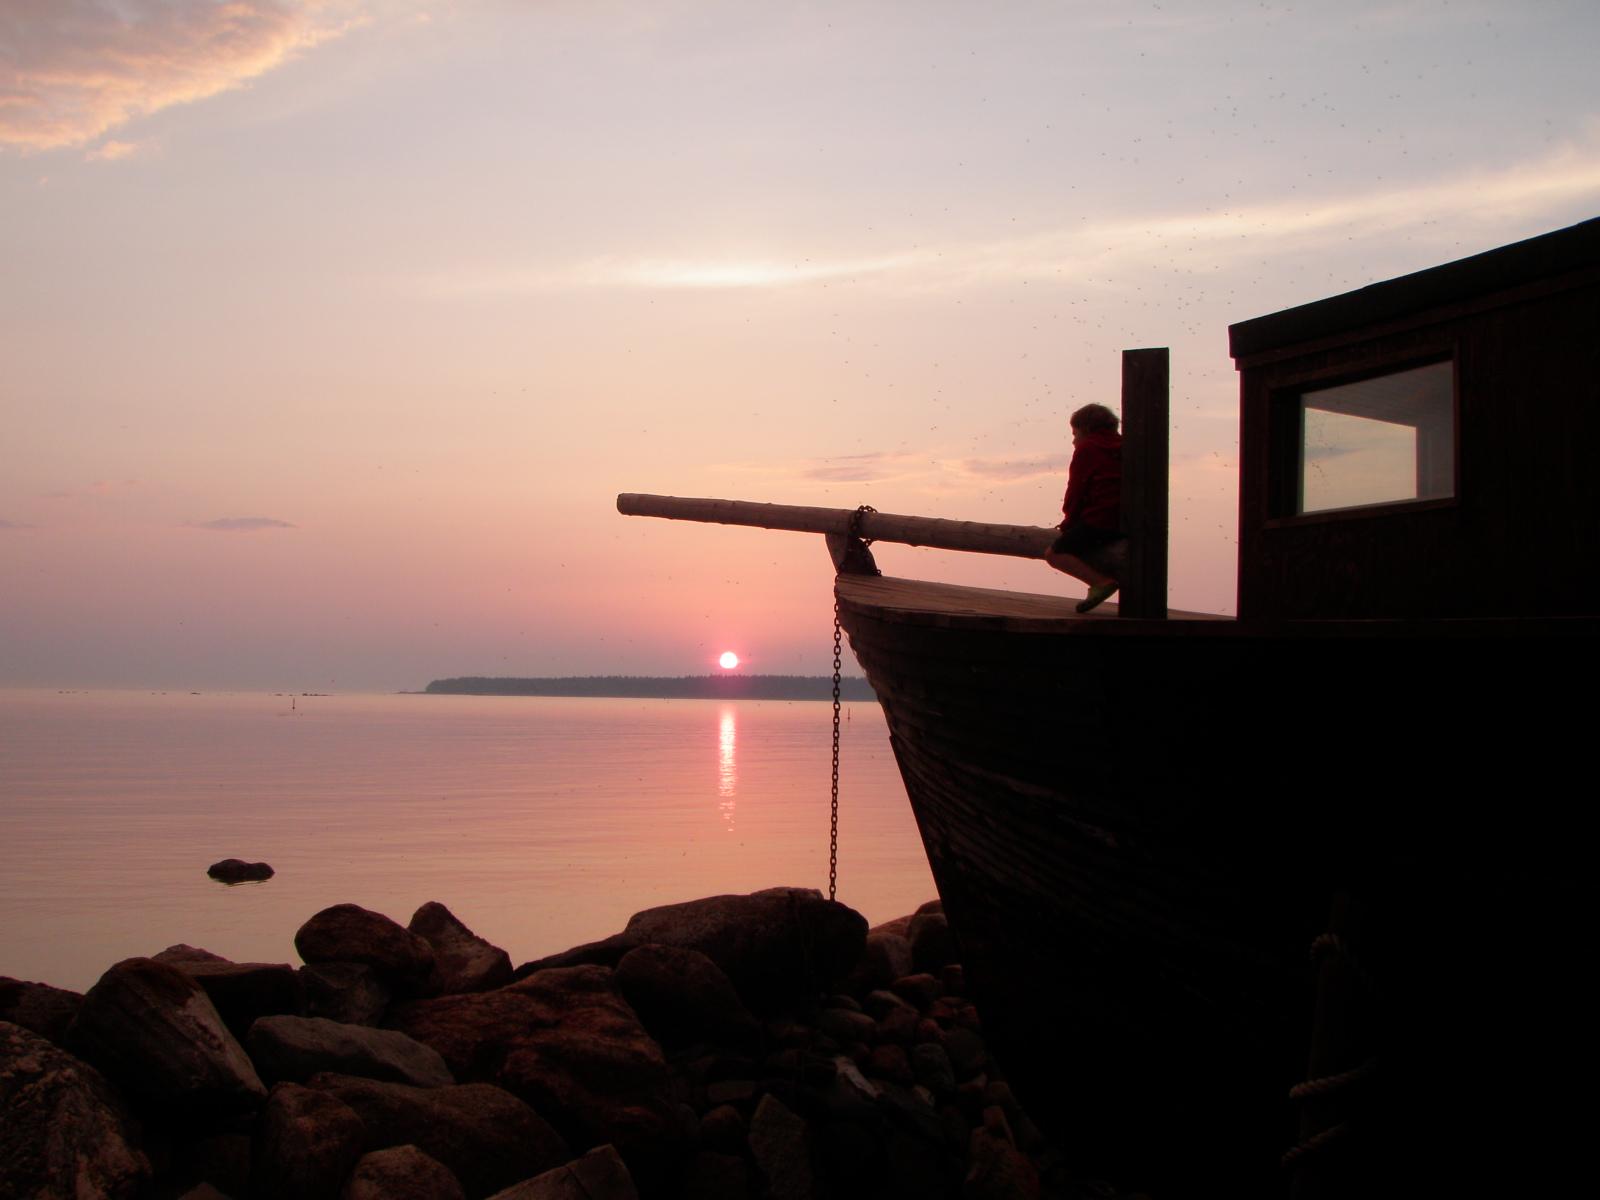 päikeseloojang Kaptenimajast